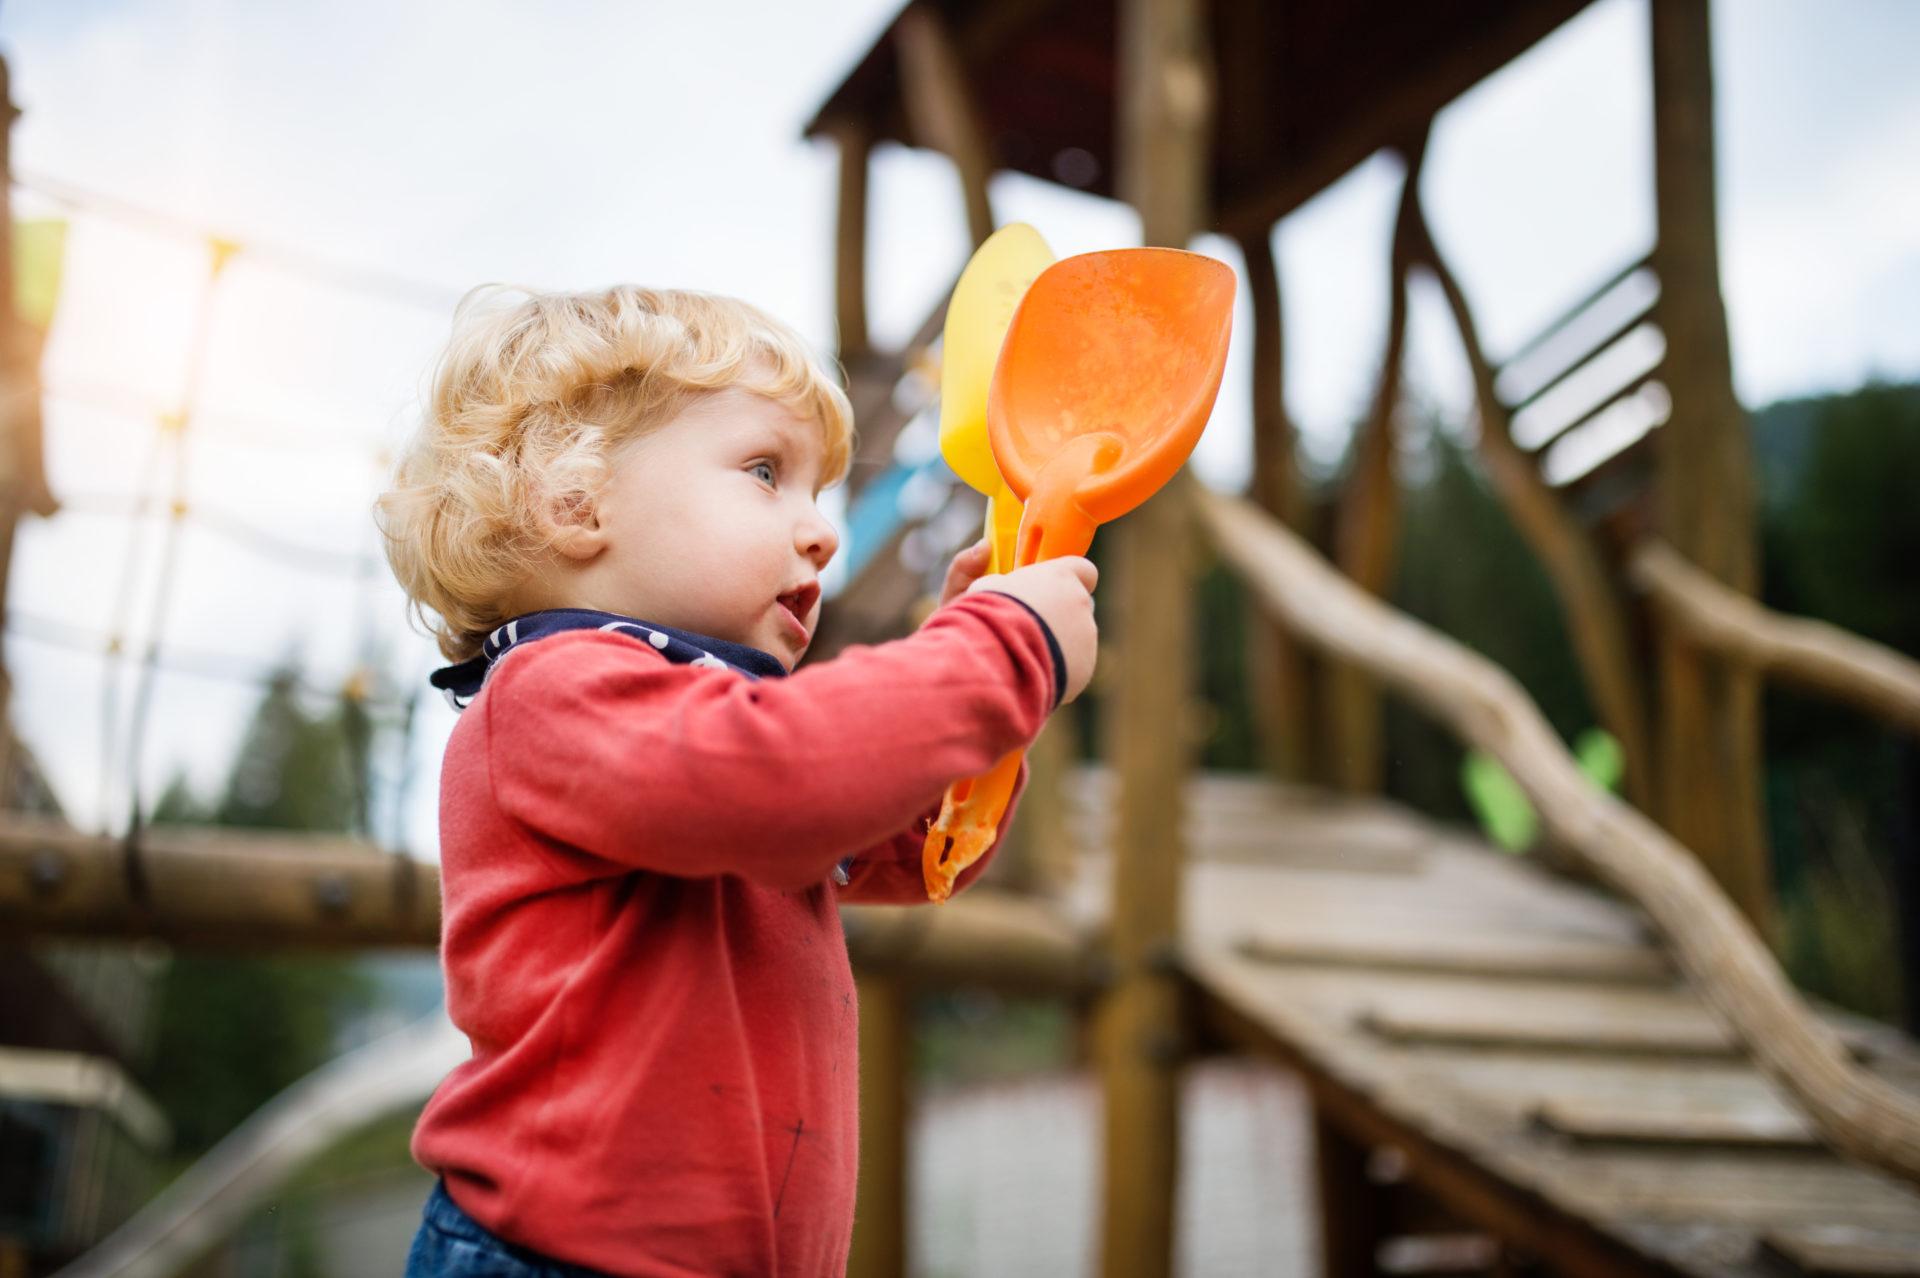 Der Spielplatz Peter Pan in Untervaz ist ein beliebter Abenteuerspielplatz in Graubünden.Hier wird dem kindlichen Bewegungshunger mit einem ausgefallenen Spielplatz Rechnung getragen. Auf dem Spielgelände stehen imposante Holztürme, die mit ihren drei Stockwerken und den langen Rutschbahnen für abenteuerliches Vergnügen sorgen. Für die jüngeren Kinder gibt es zudem einen kleinen Kletterturm mit Rutschbahn, Schaukeln, zahlreichen […]